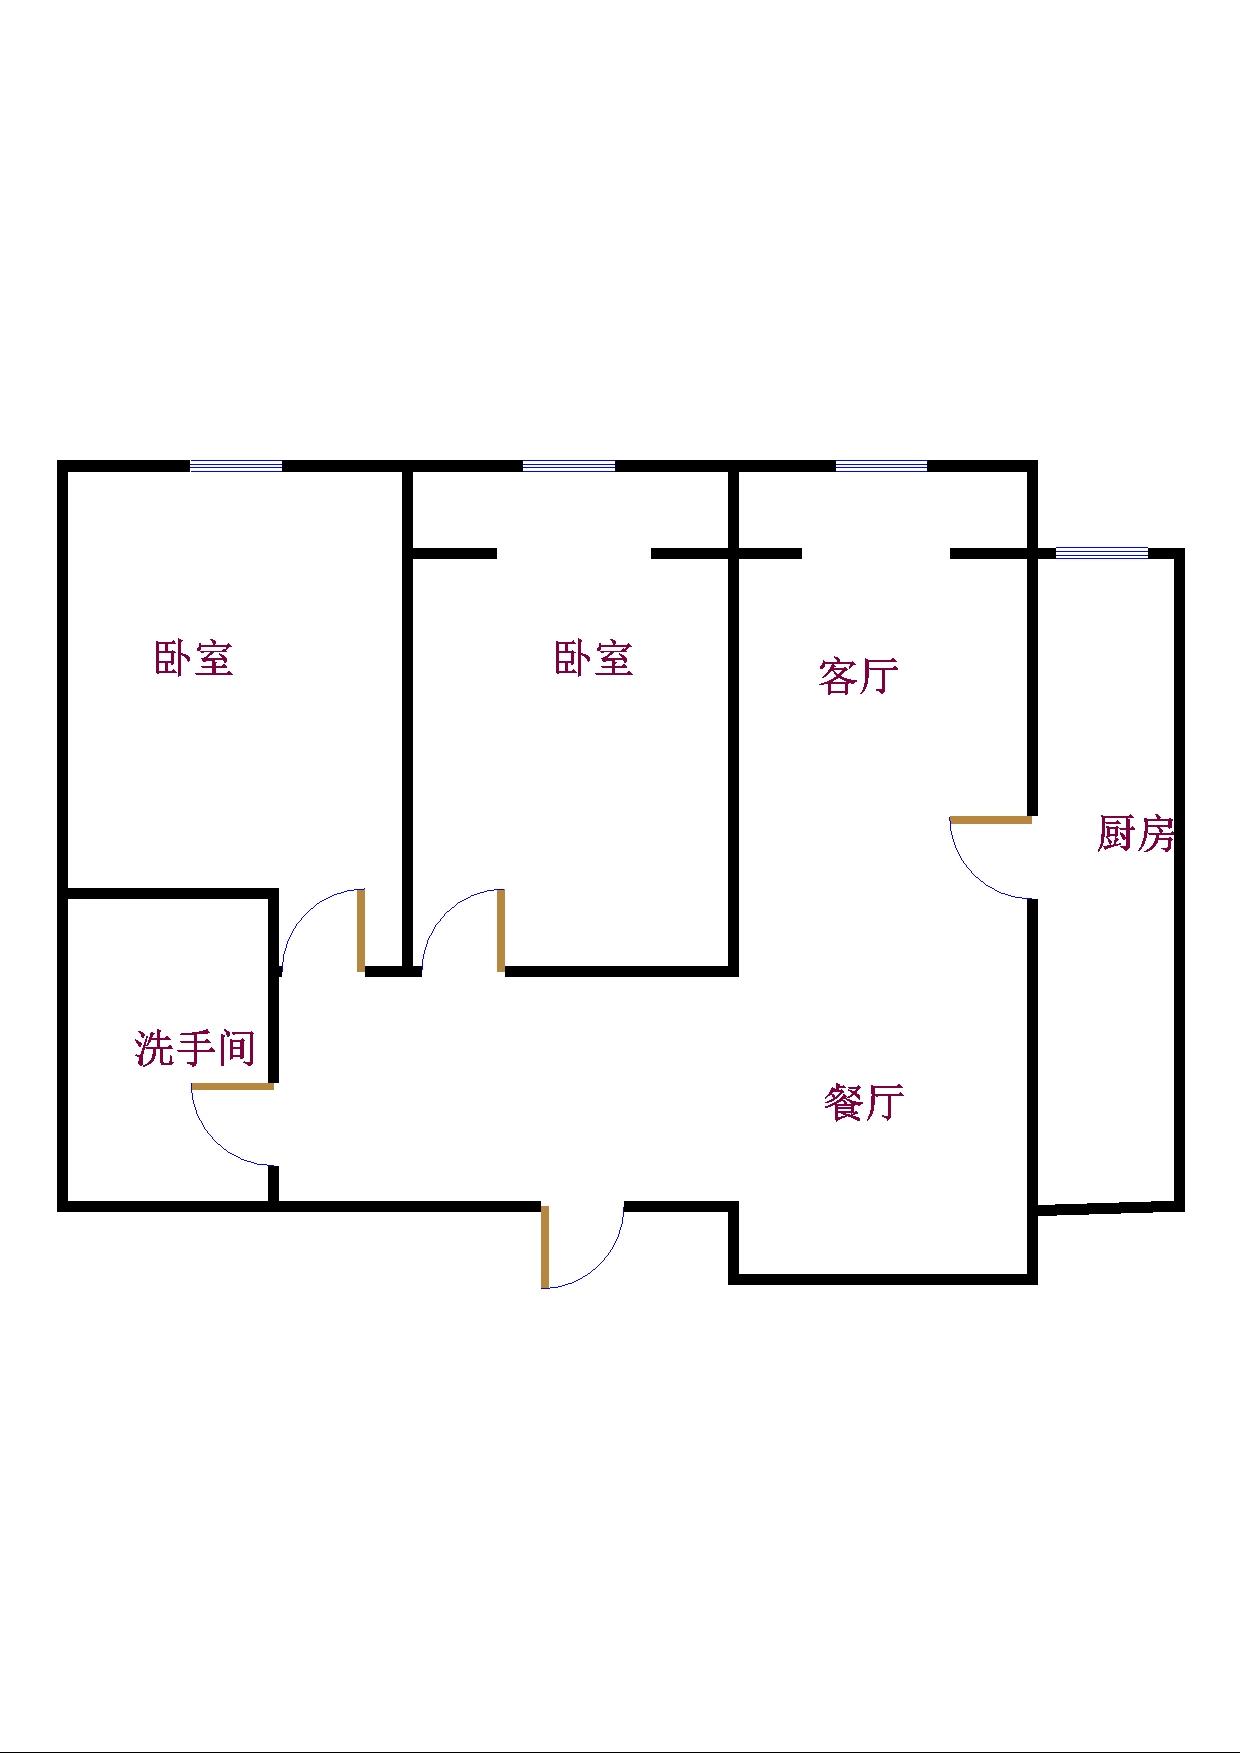 东海香港城 2室1厅 26楼